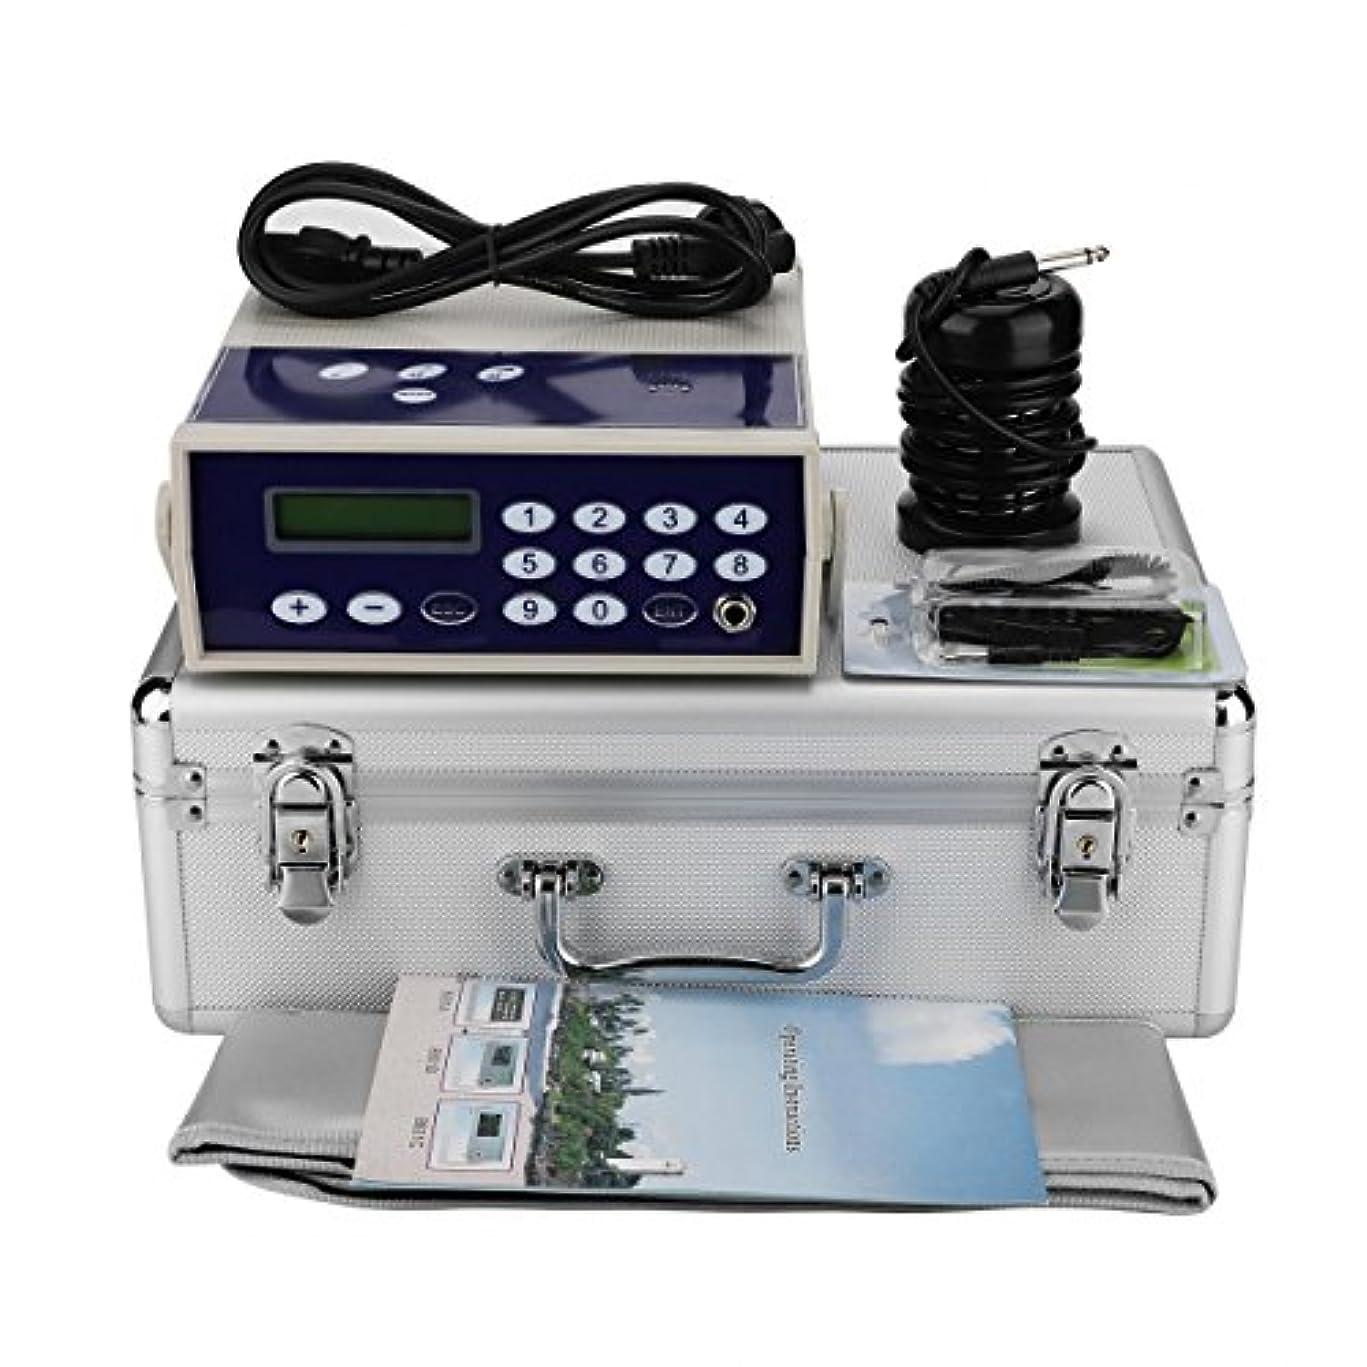 独立乳すべてイオンフットバスデトックスシステム-ボディデトックスマシンイオンアレイフットバススパクレンジングイオンウエストベルト解毒(110V USプラグ)